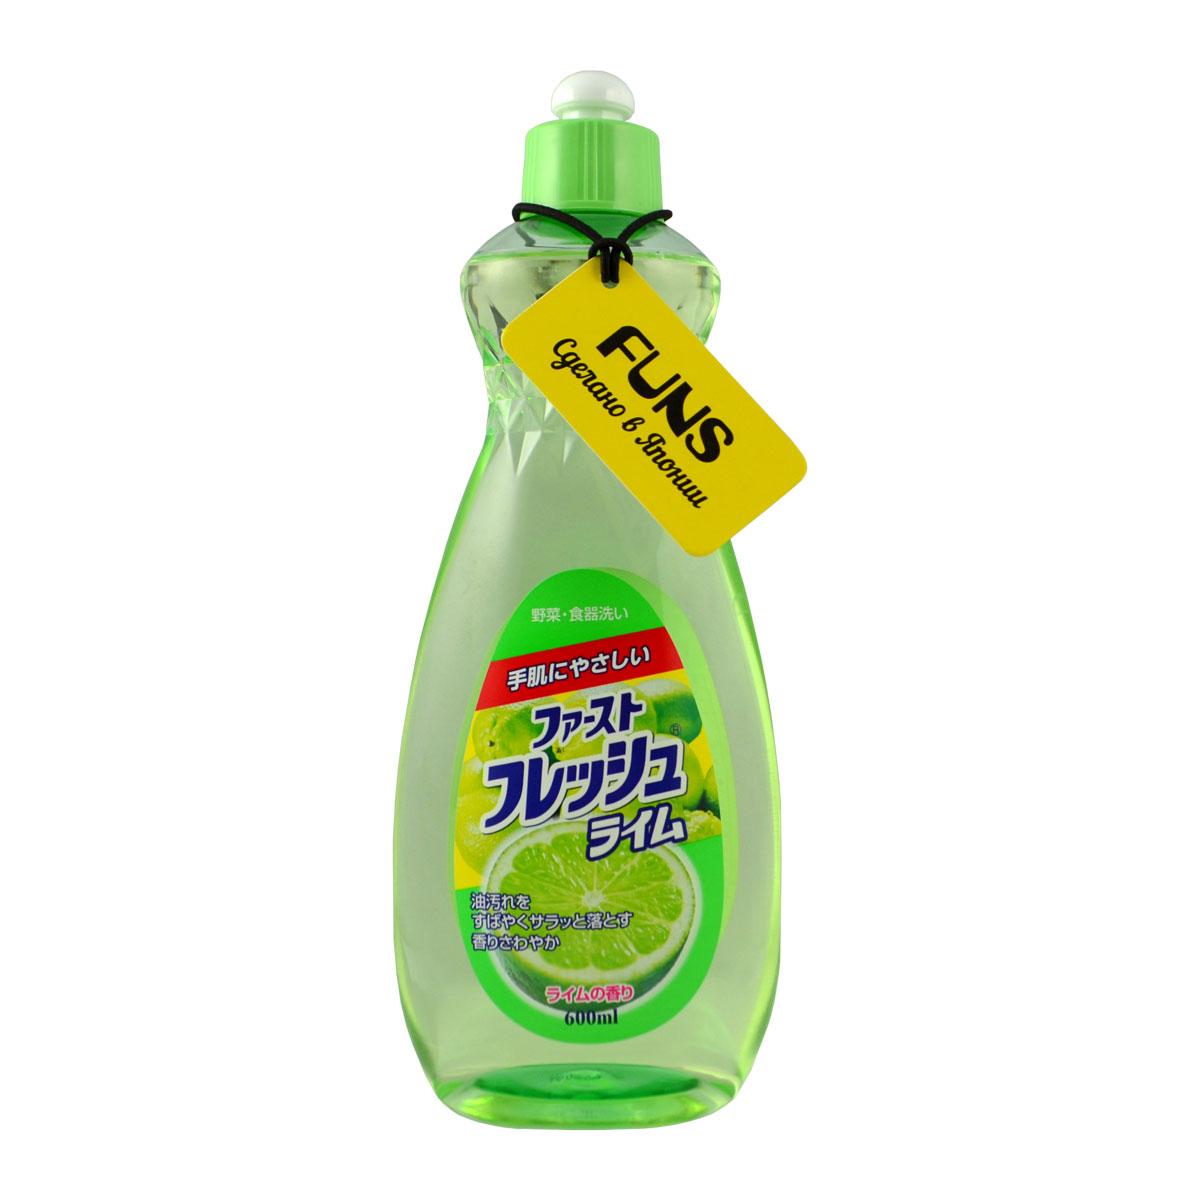 Жидкость для мытья посуды Funs, свежий лайм, 600 мл790009Жидкость для мытья посуды с ароматом лайма предназначена для мытья столовой посуды, посуды для приготовления пищи, овощей и фруктов.Средство полностью удаляет стойкие пятна жира и имеет приятный цитрусовый аромат.Экологически чистый продукт.Содержит растительный экстракт, безопасный для кожи.Не сушит и не раздражает кожу рук.Не оставляет запаха на овощах и фруктах.Прекрасно смывается водой с любой поверхности полностью и без остатка.Подходит для мытья детской посуды и аксессуаров для кормления новорожденных.Способ применения: На 1 л воды использовать 1.5 мл средства (примерно 1 чайная ложка).Способ хранения: хранить в недоступном для детей месте.Избегать воздействия прямых солнечных лучей на упаковку.